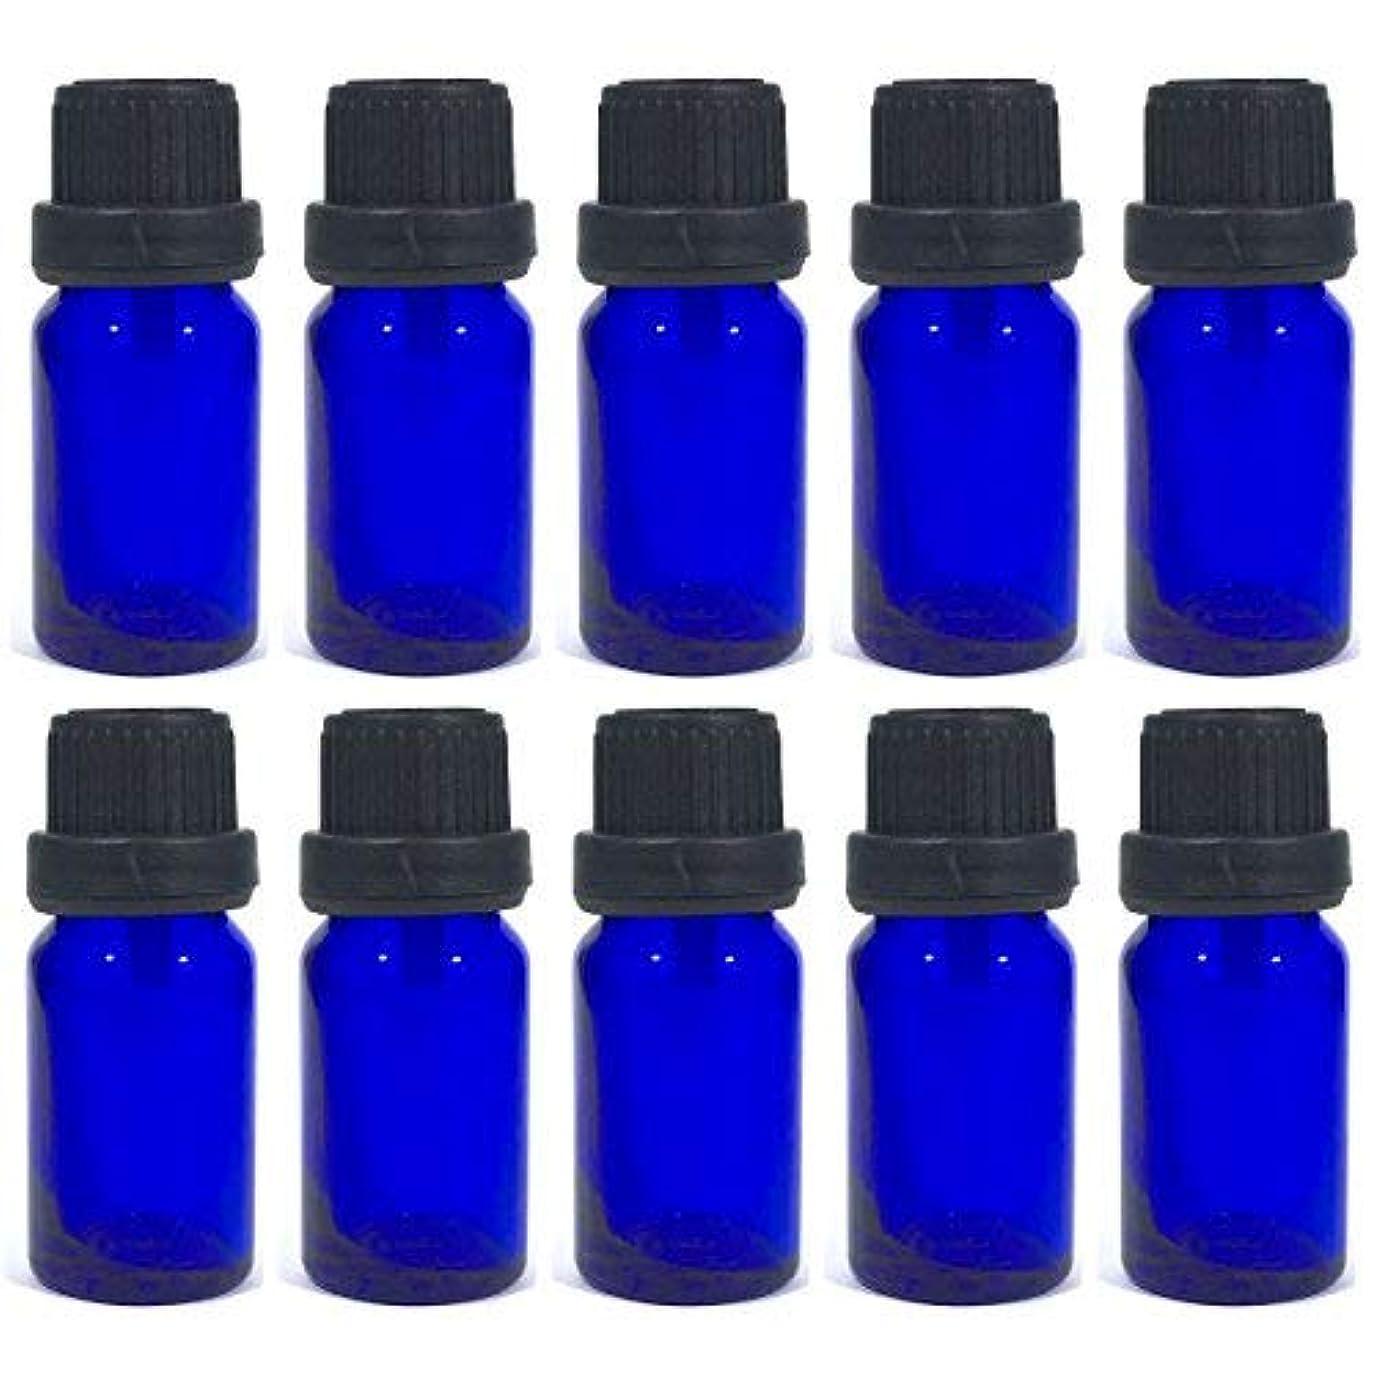 批評シェア励起遮光瓶 10本セット ガラス製 アロマオイル エッセンシャルオイル アロマ 遮光ビン 保存用 精油 ガラスボトル 保存容器詰め替え 青色 ブルー ドロッパー付き (10ml?10本)